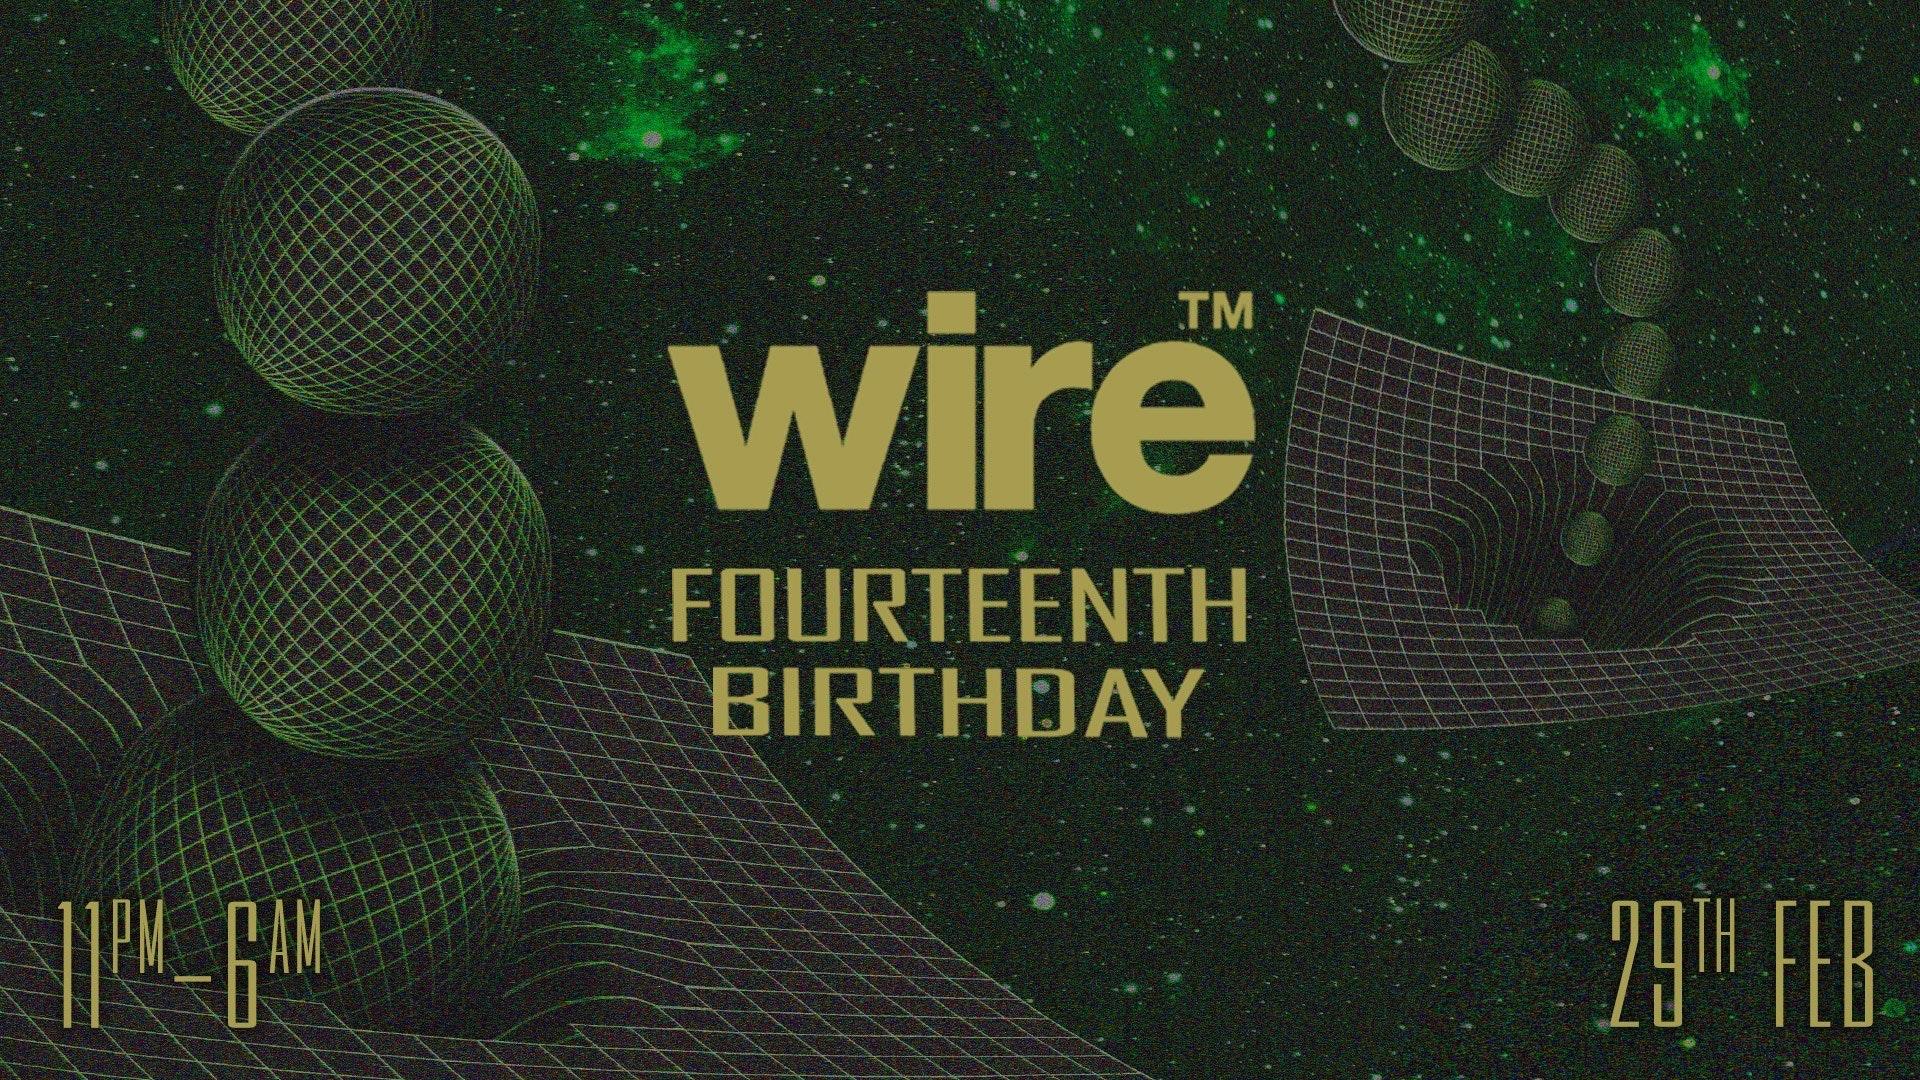 Wire's 14th Birthday: Part 2